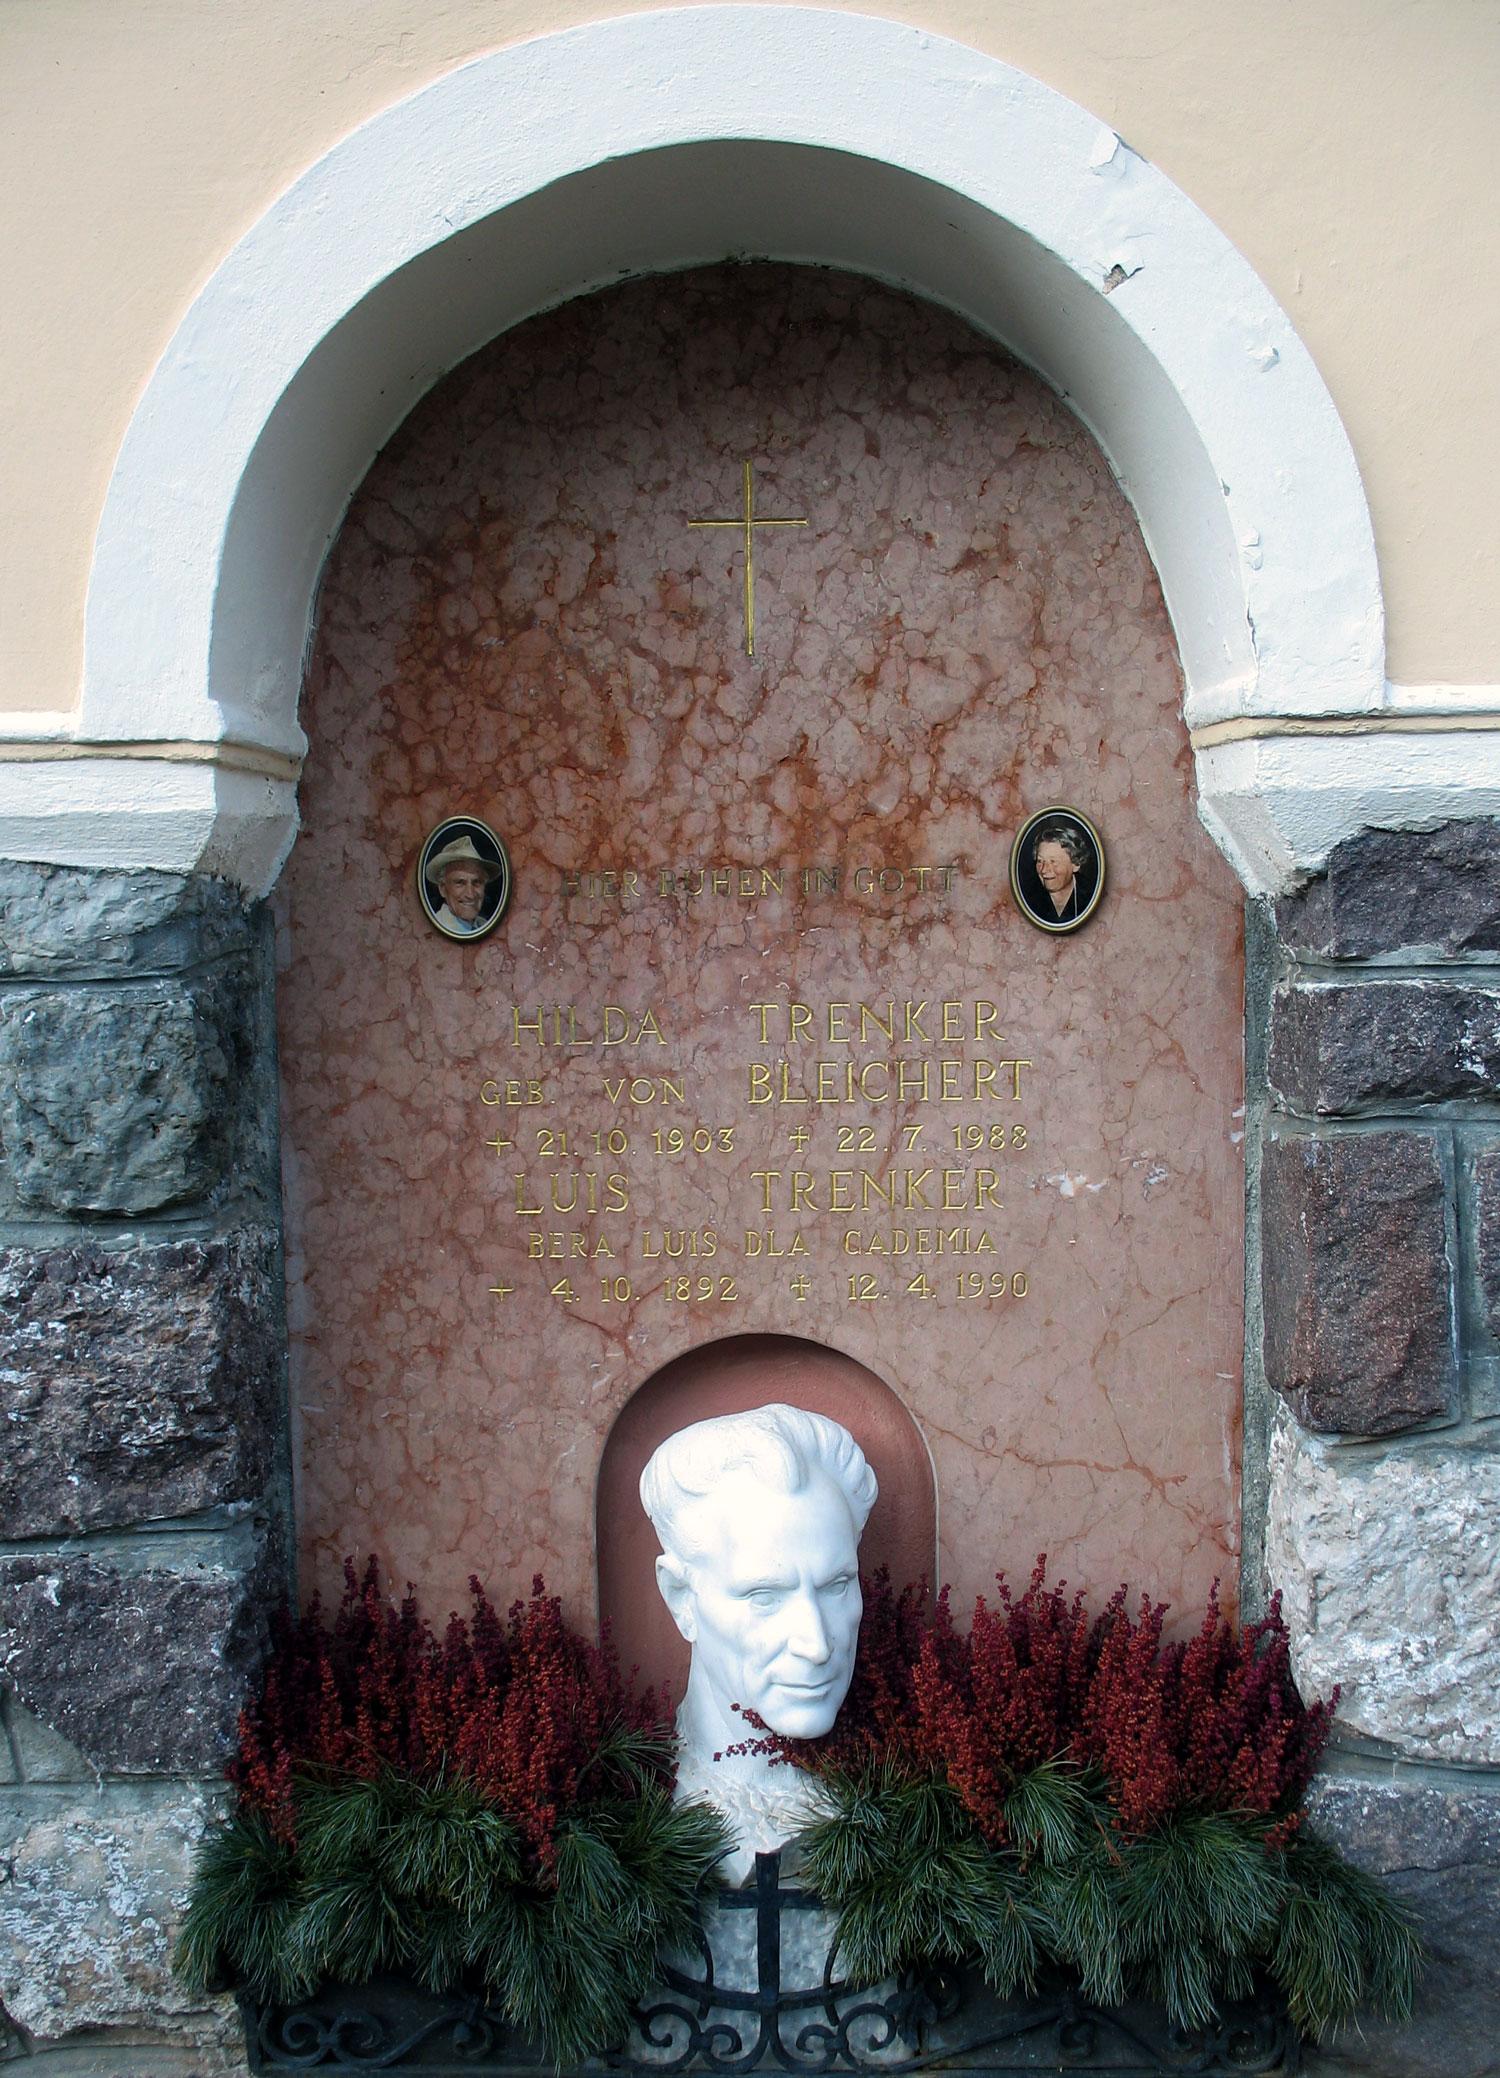 gefunden zu Fabian Lusi auf http://de.wikipedia.org